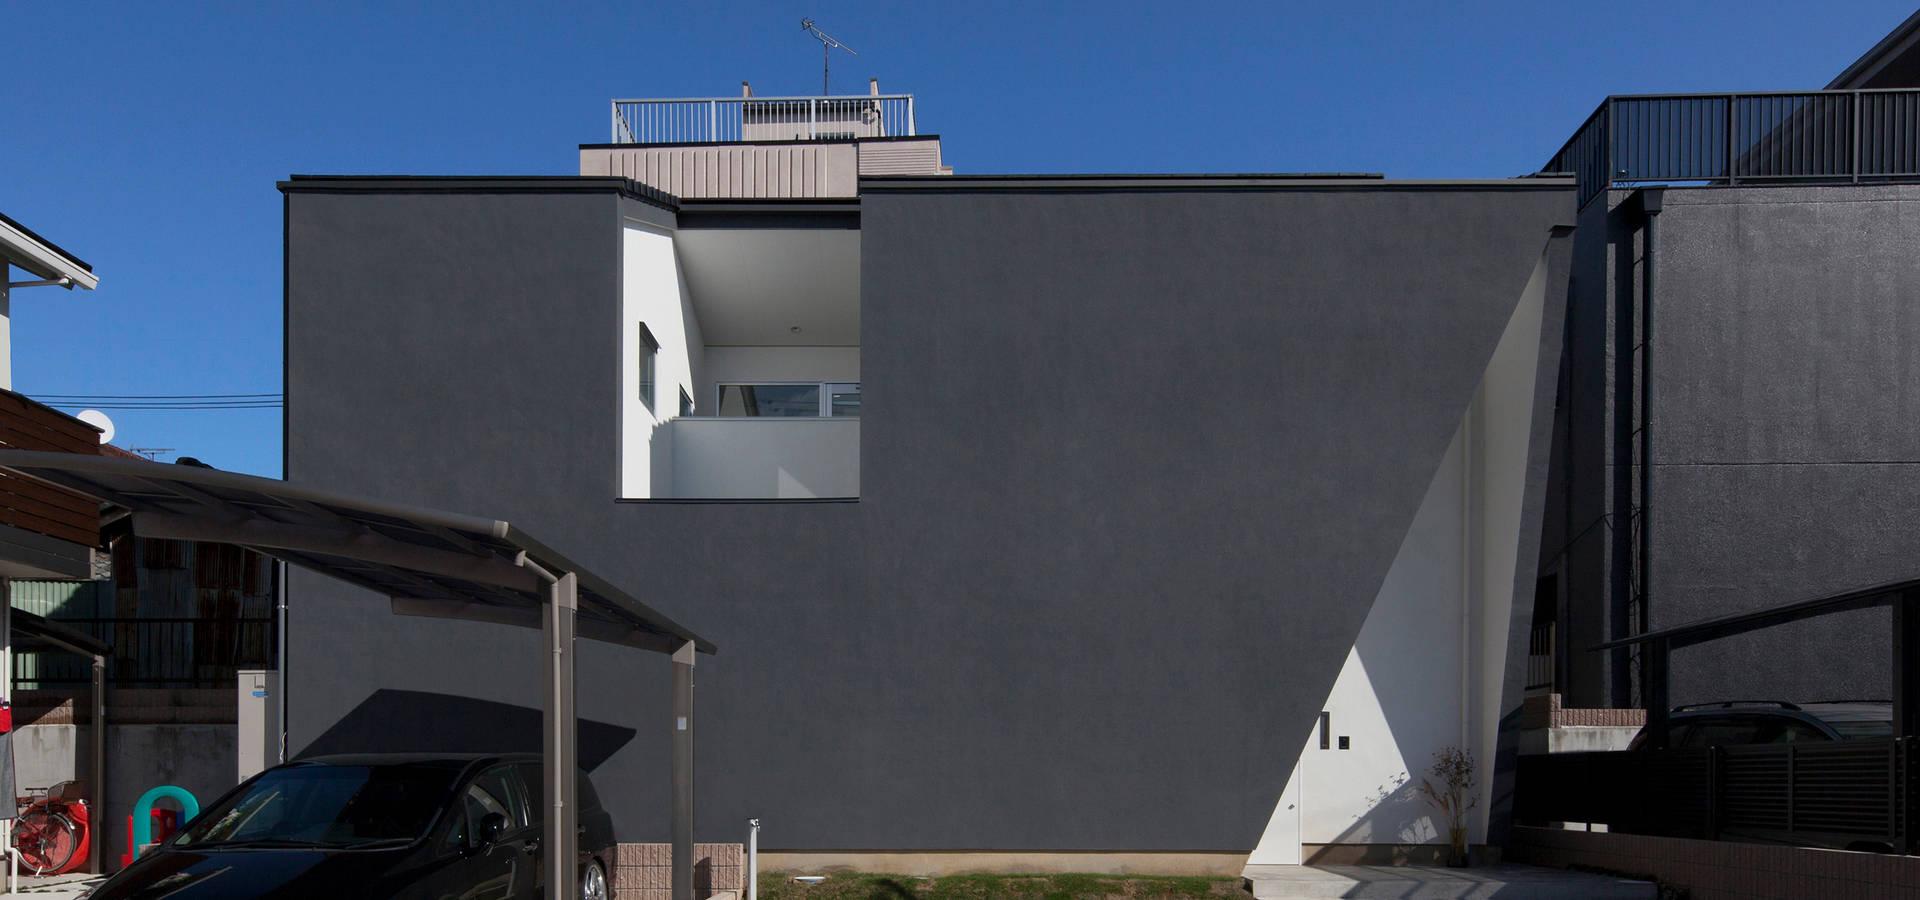 haco建築設計事務所